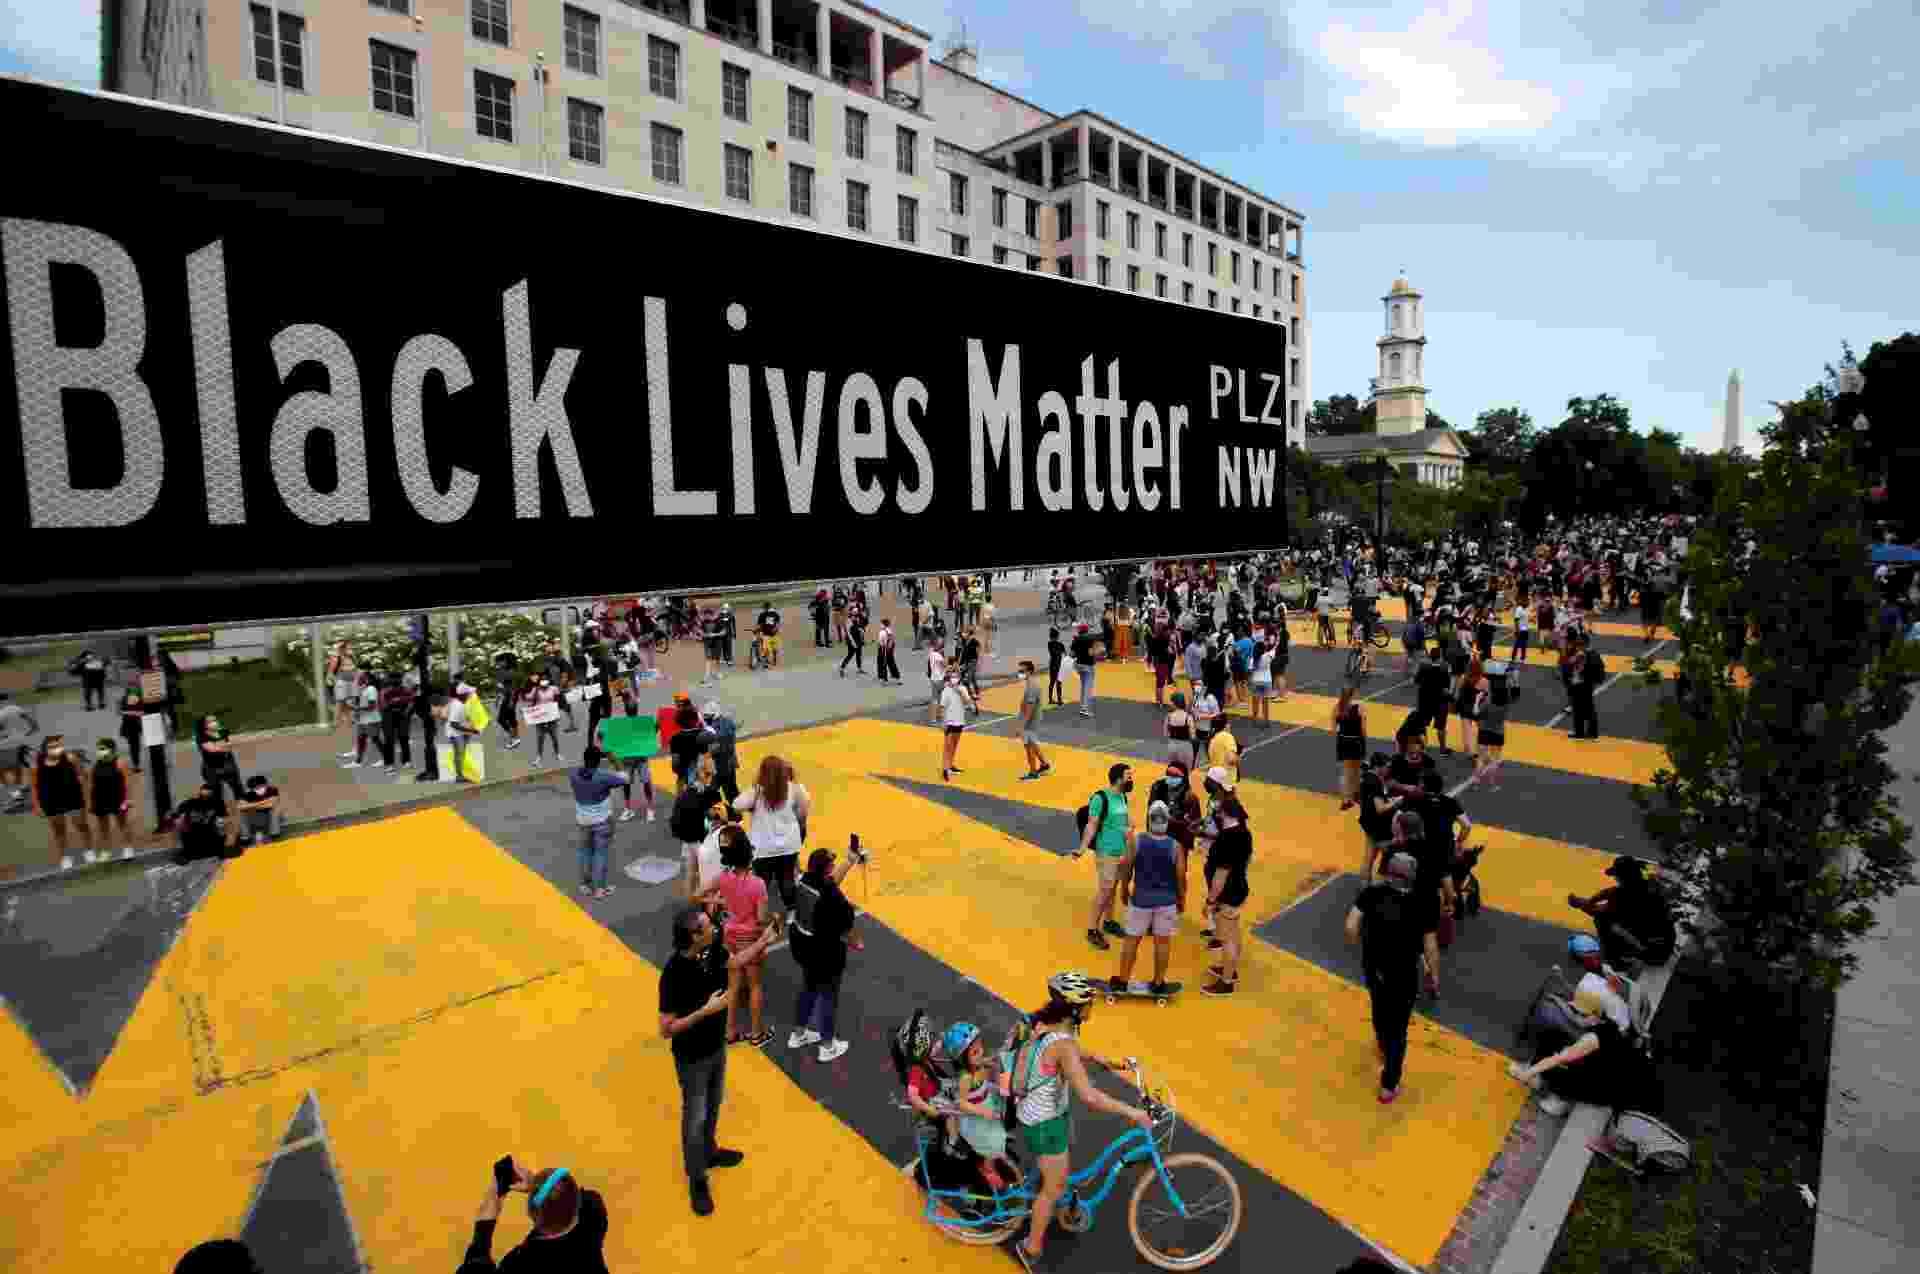 Uma placa de rua do Black Lives Matter Plaza é vista perto da Igreja Episcopal de St. John, enquanto os protestos contra a morte na custódia policial de George Floyd, em Minneapolis, continuam em Washington - CARLOS BARRIA/REUTERS